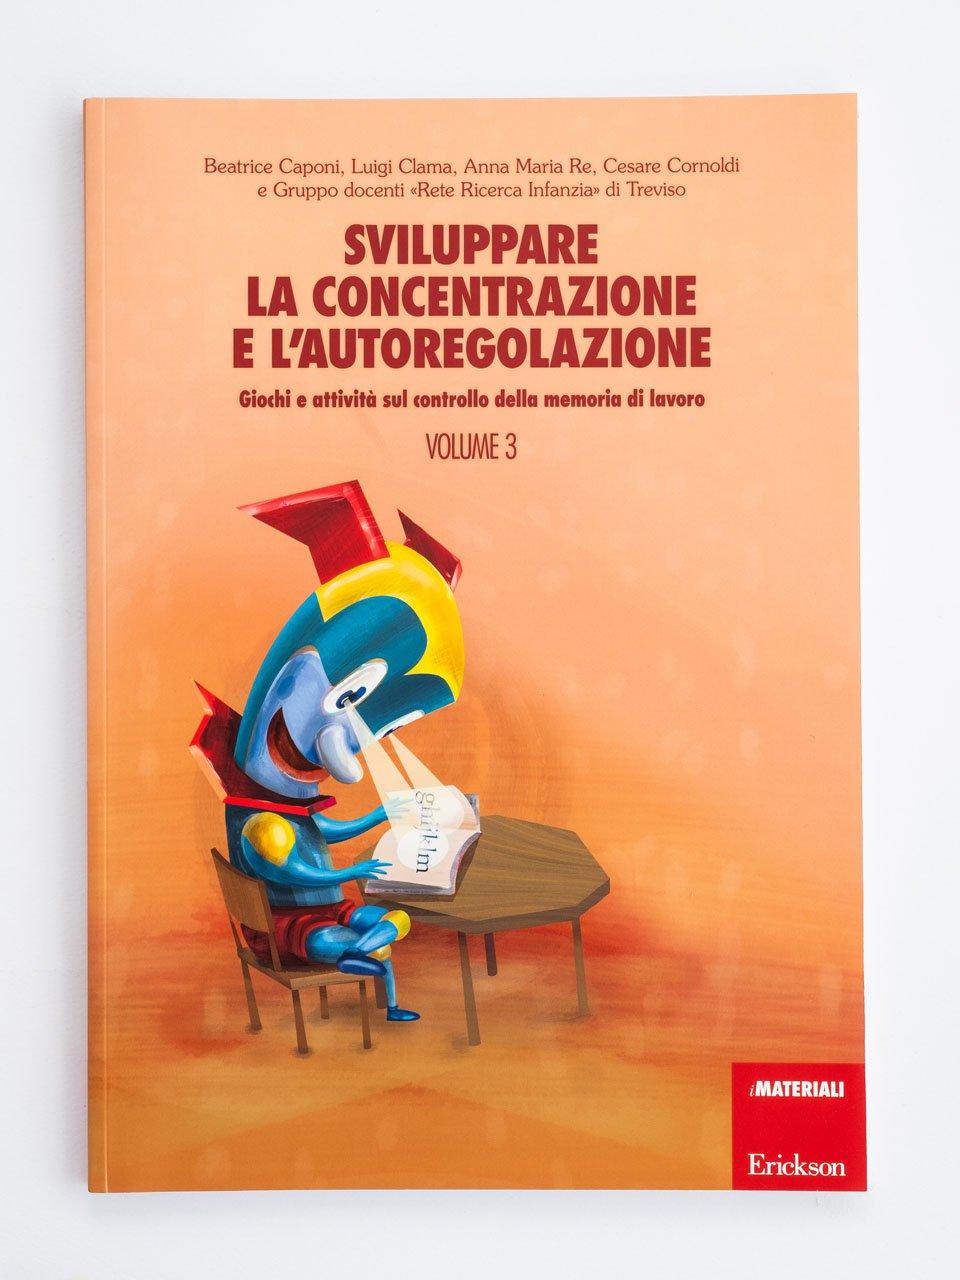 Sviluppare la concentrazione e l'autoregolazione - Volume 3 - Allenare la concentrazione - Volume 2 - Libri - App e software - Erickson